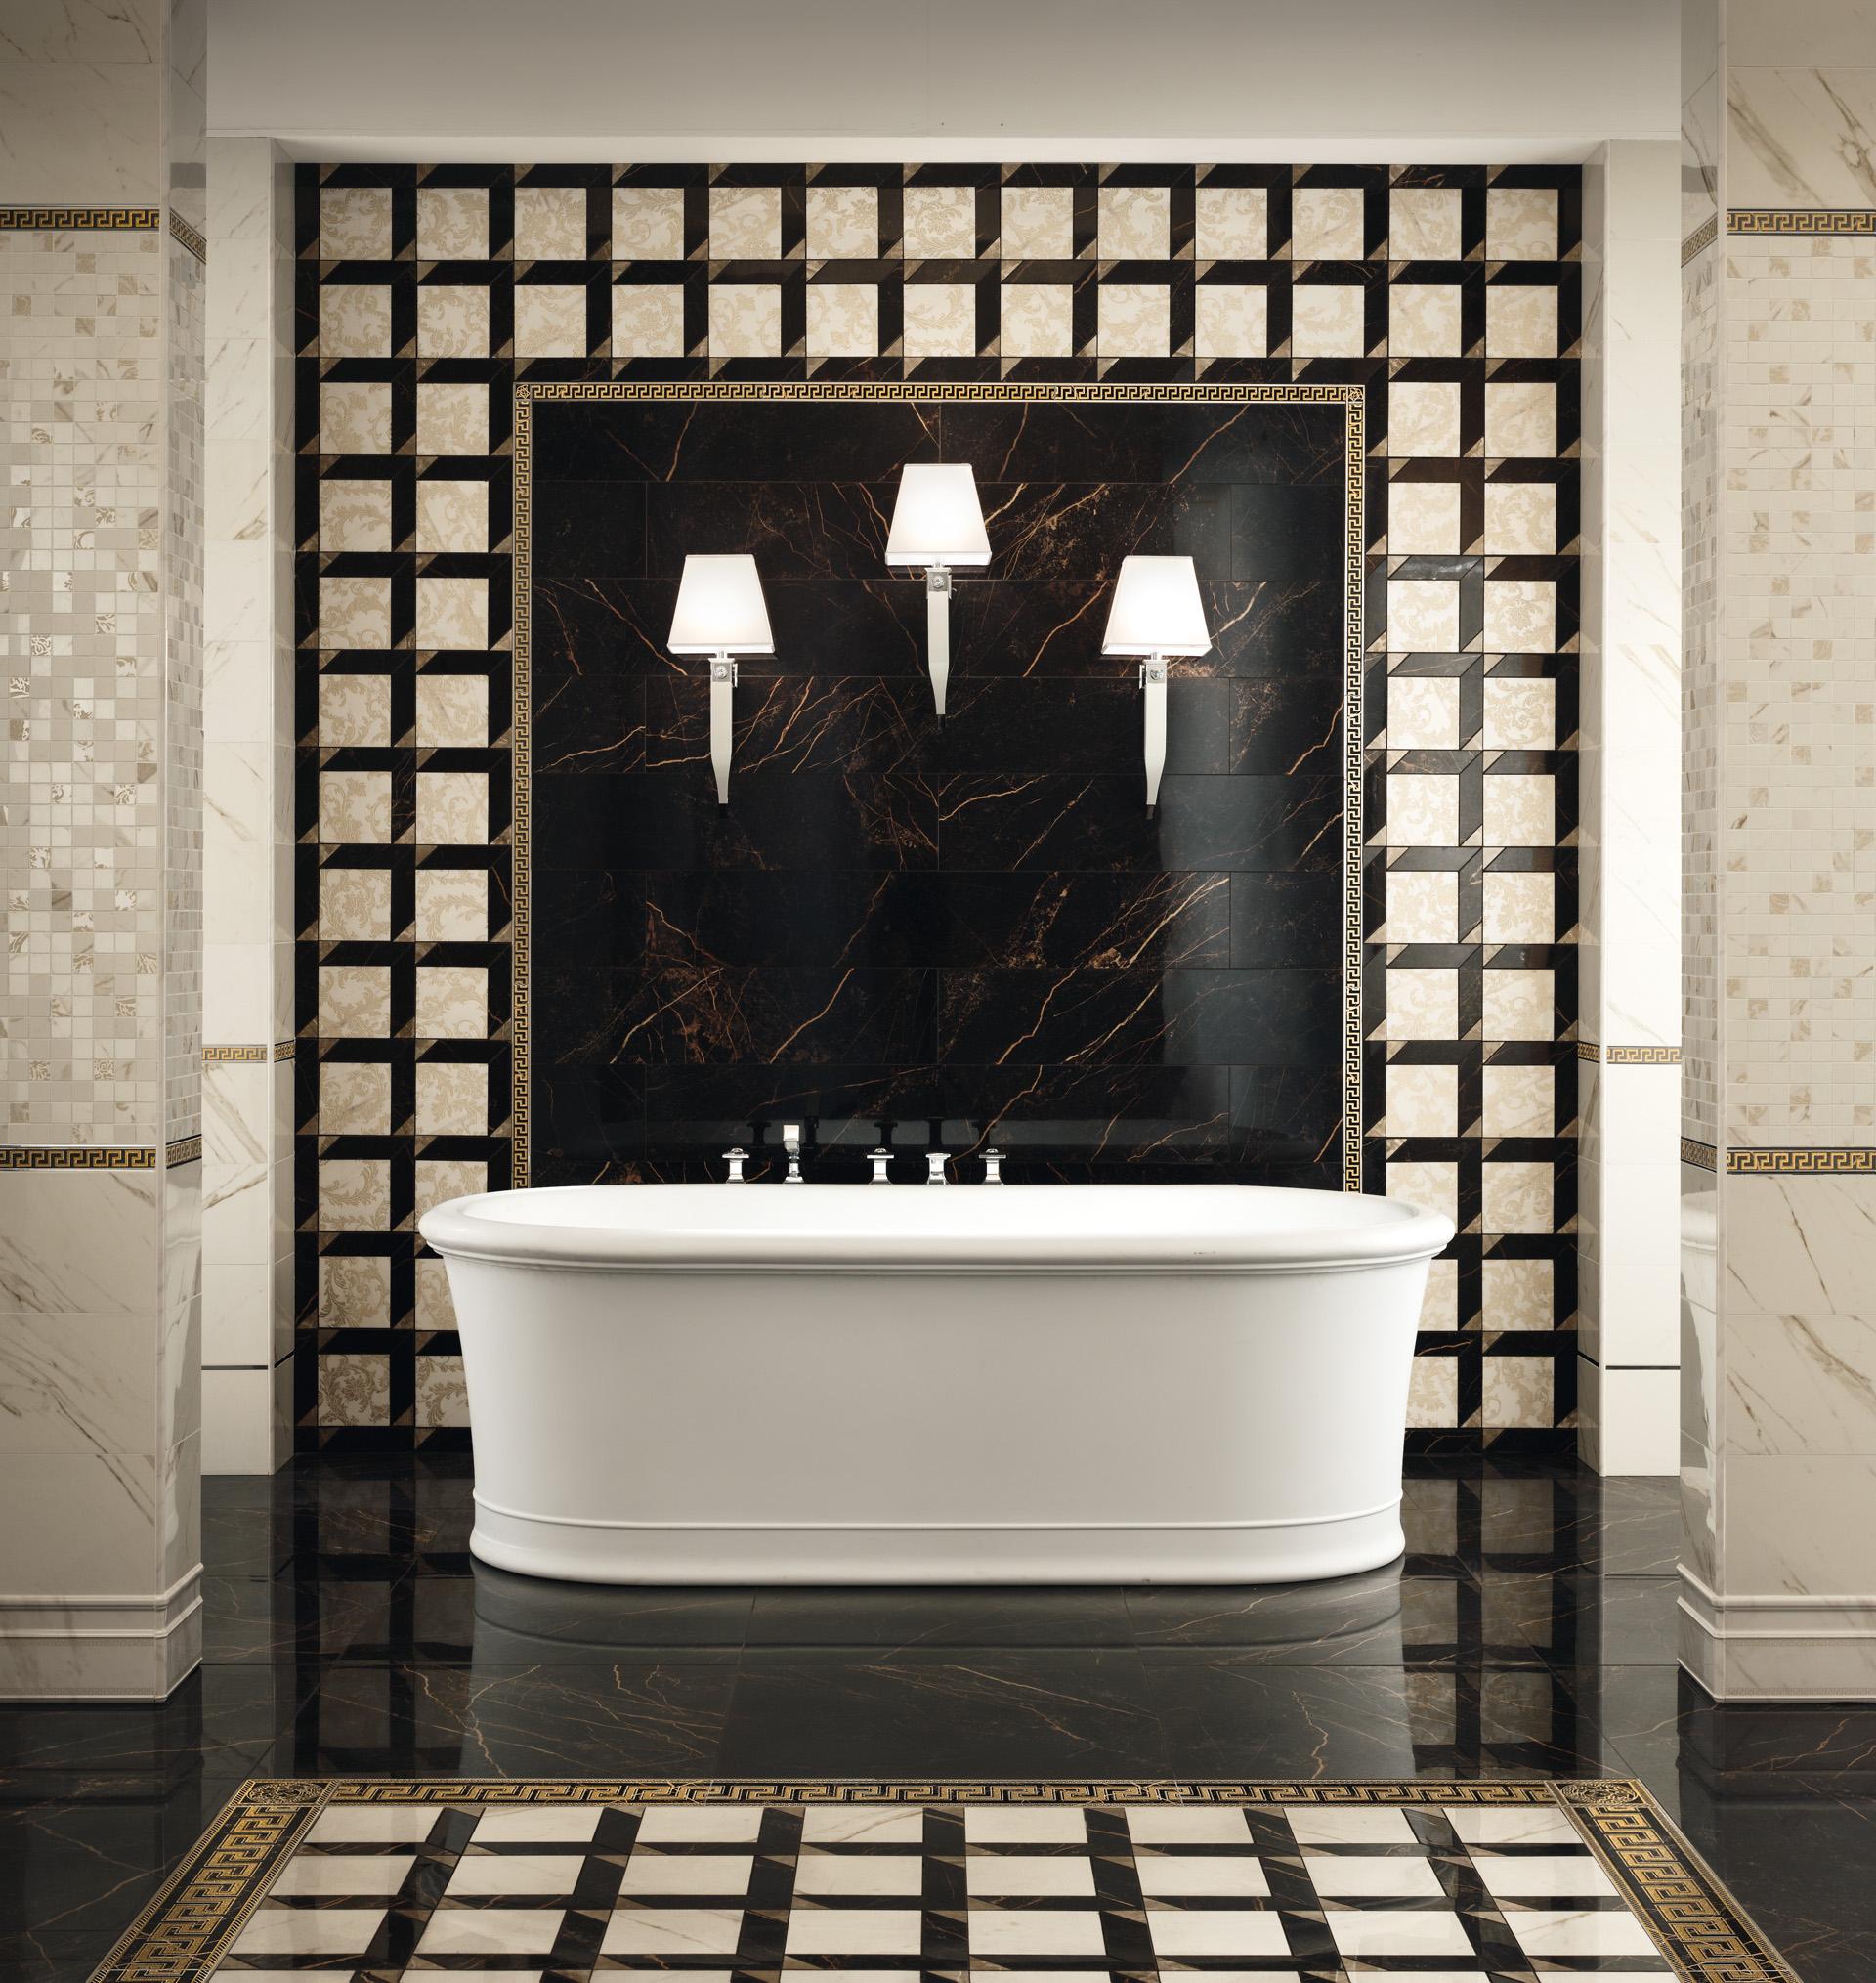 VERSACE SERIE MARBLE  Casaeco pavimenti e rivestimenti in ceramicarubinetterie per bagno